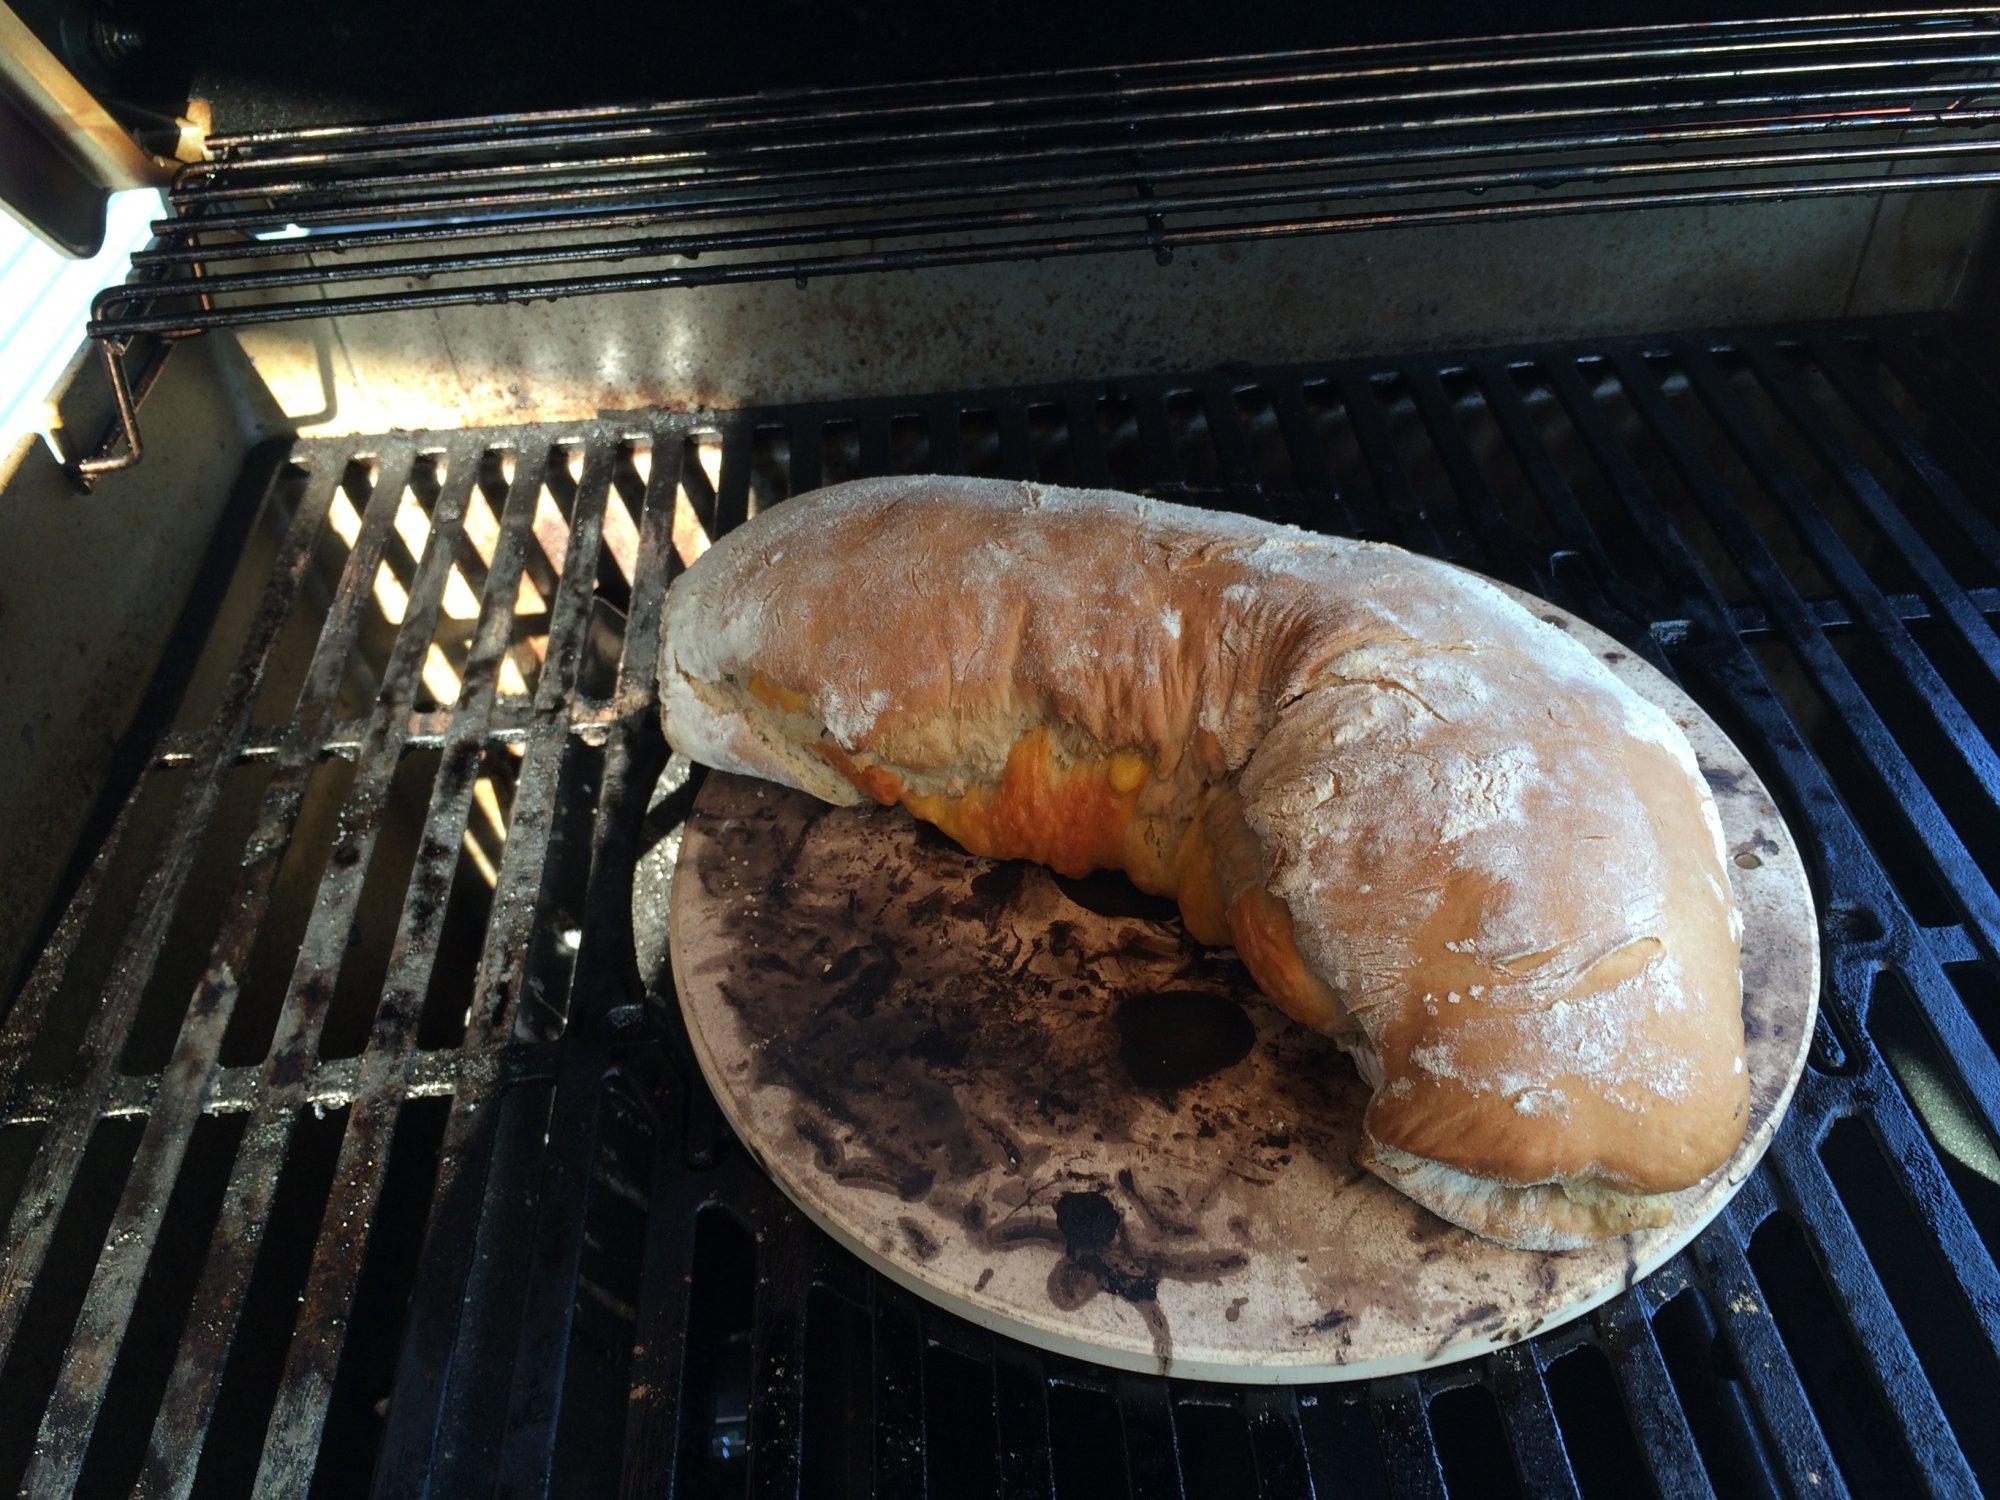 Weber Elektrogrill Pizza Backen : Brot auf pizzastein im gasi?? grillforum und bbq www